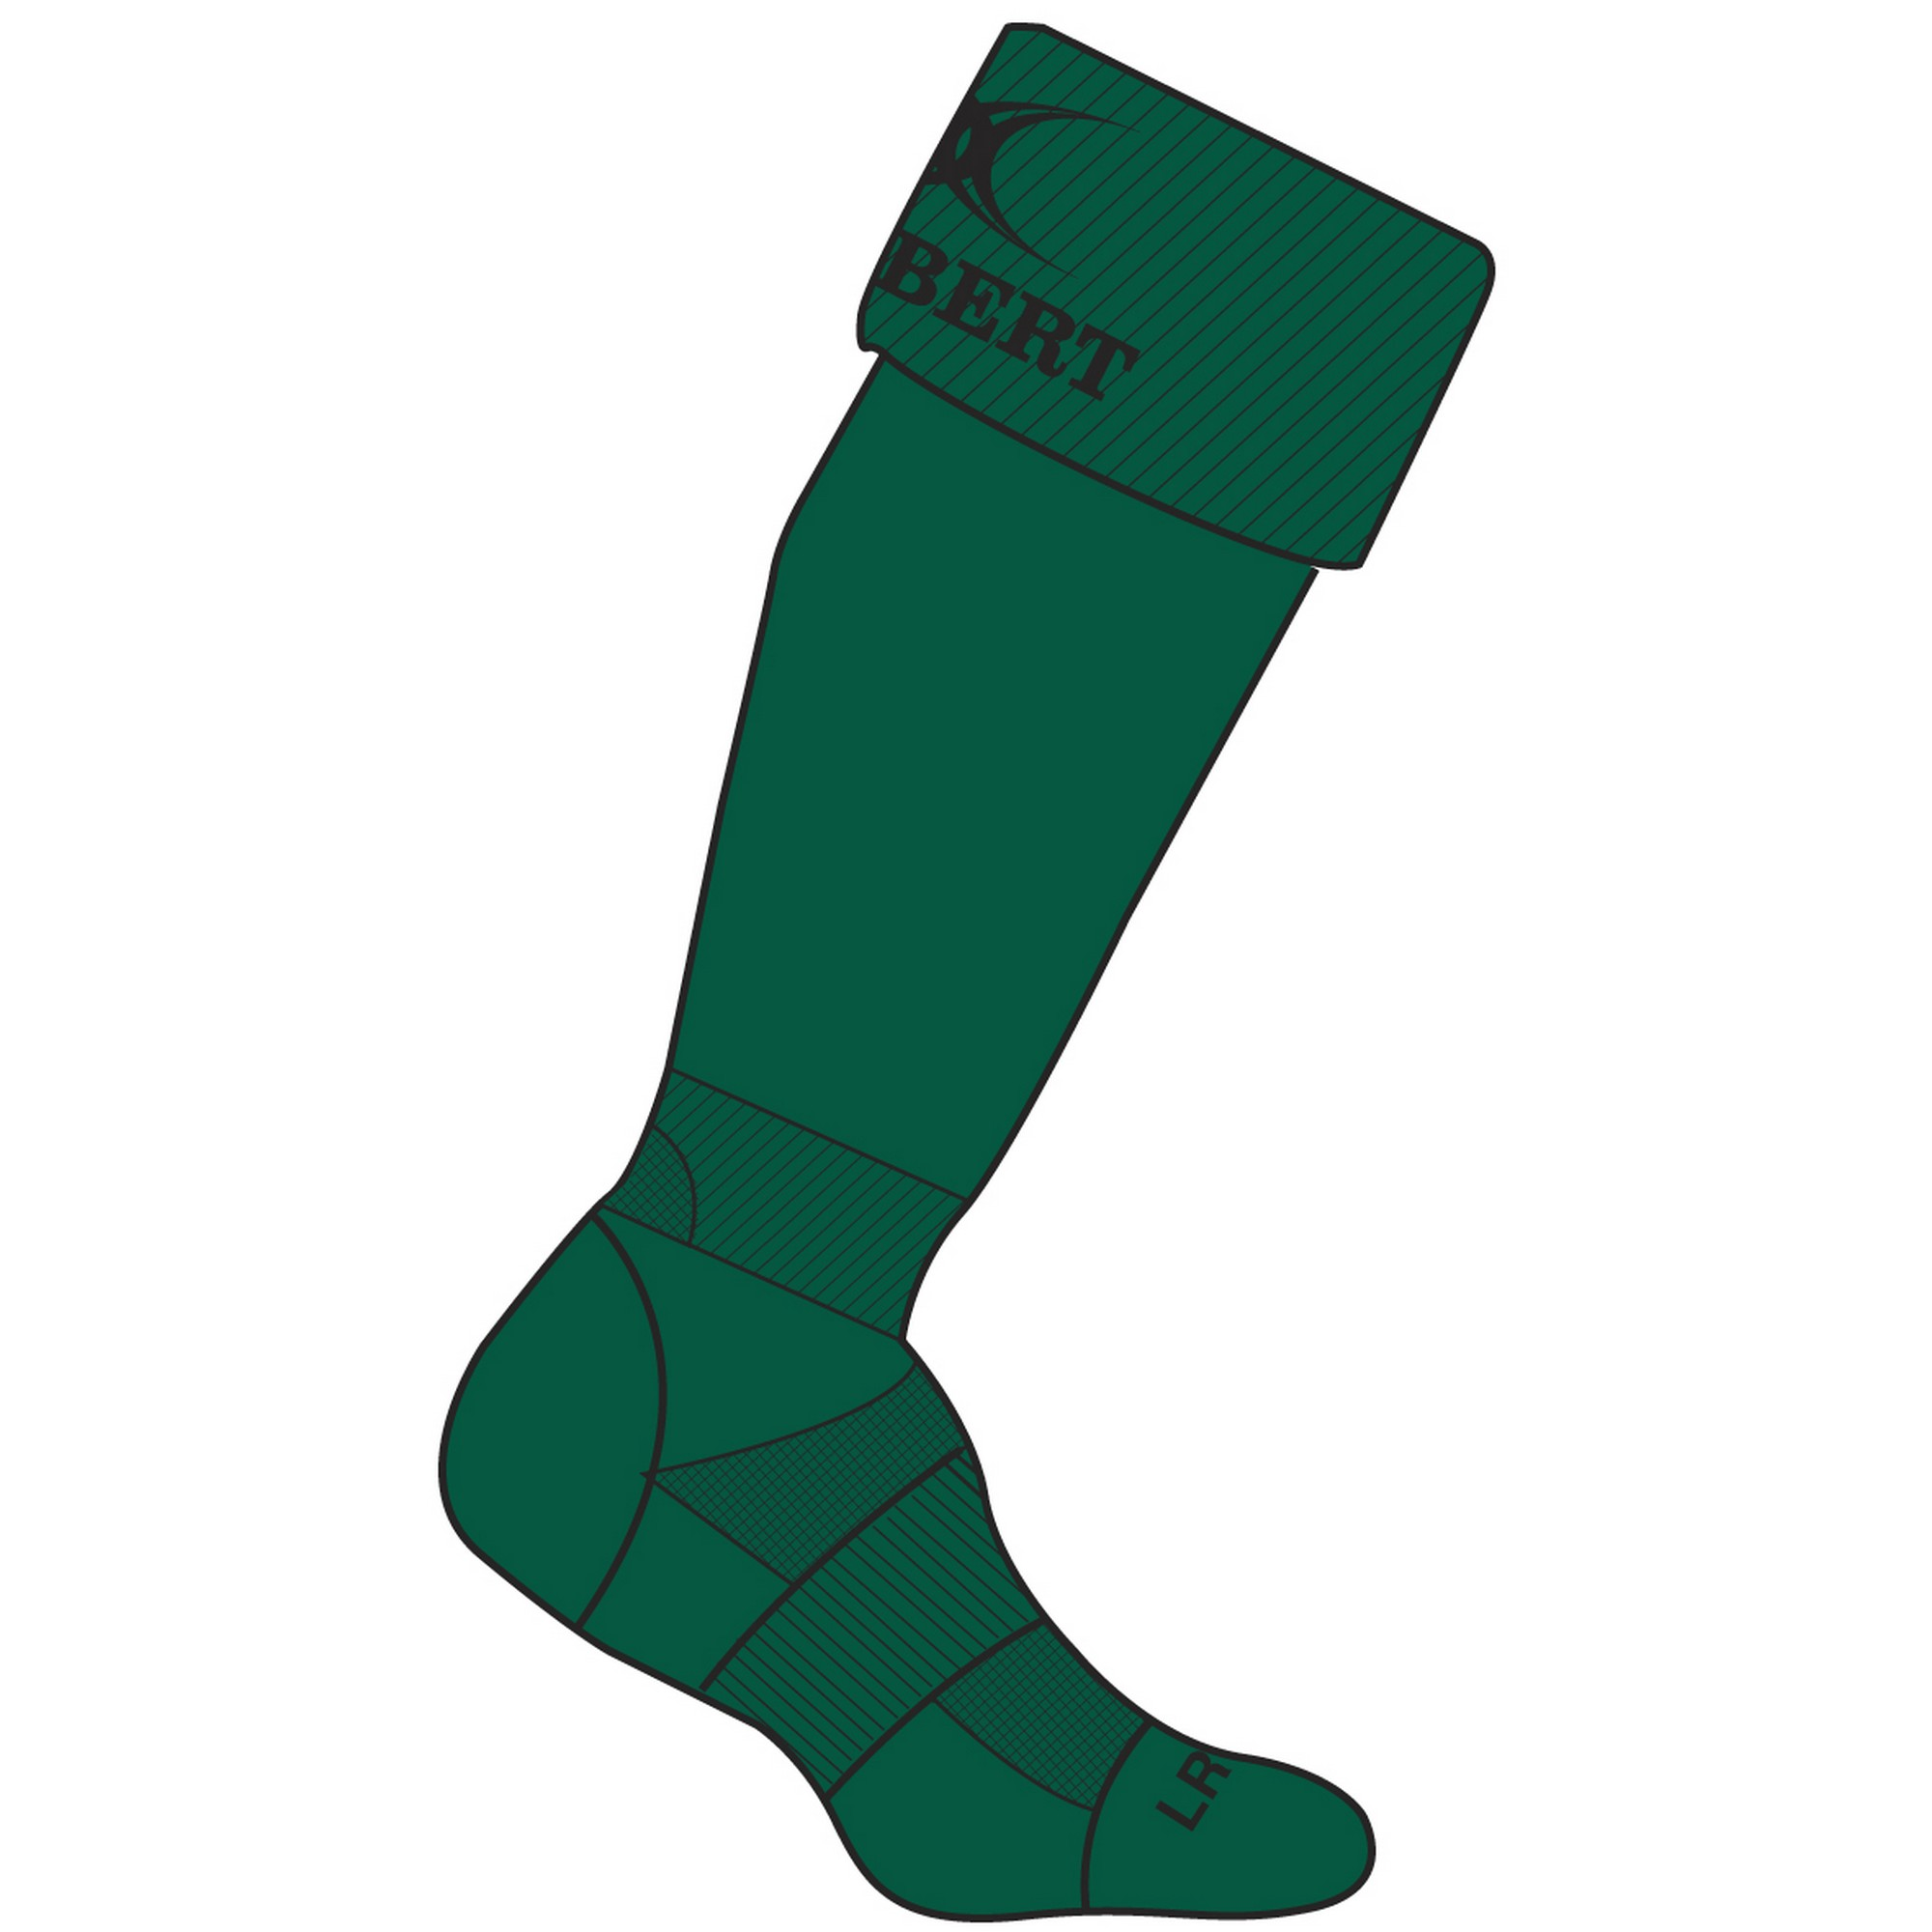 Gilbert Rugby Childrens/Kids Kryten II Rugby Socks (3-6 UK) (Green)